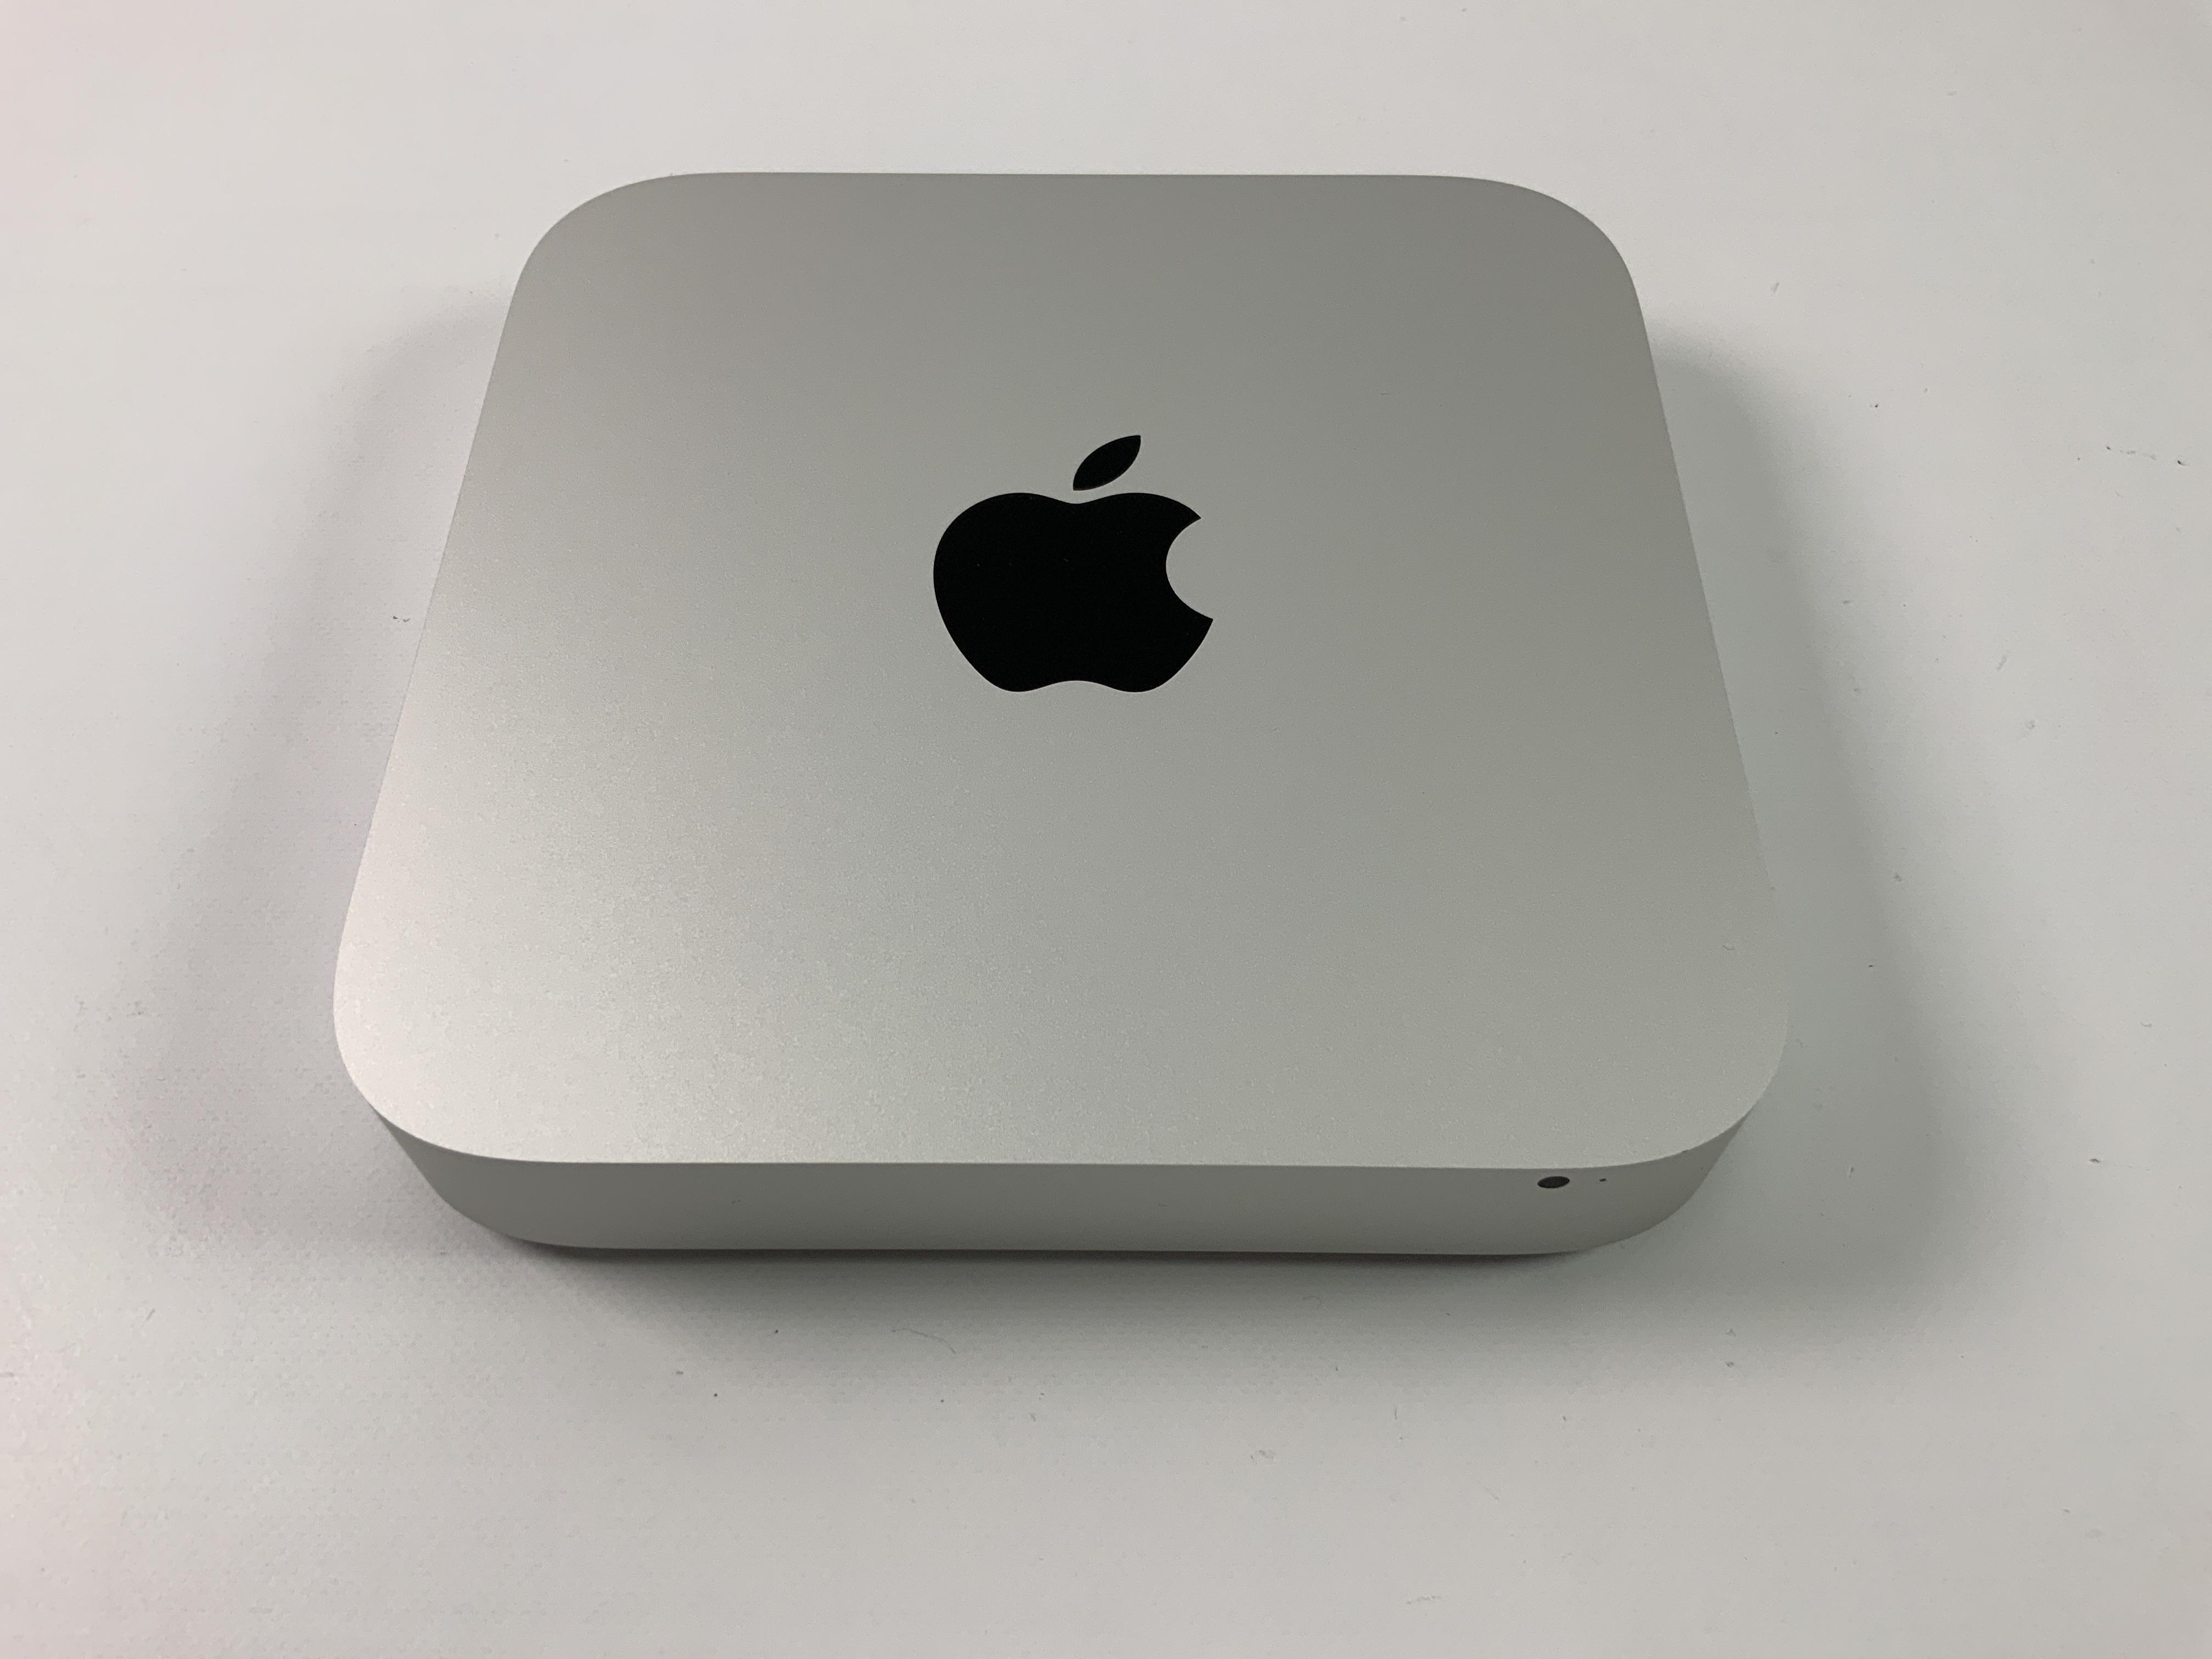 Mac Mini Late 2014 (Intel Core i5 2.6 GHz 8 GB RAM 256 GB SSD), Intel Core i5 2.6 GHz, 8 GB RAM, 256 GB SSD(third party), Bild 1